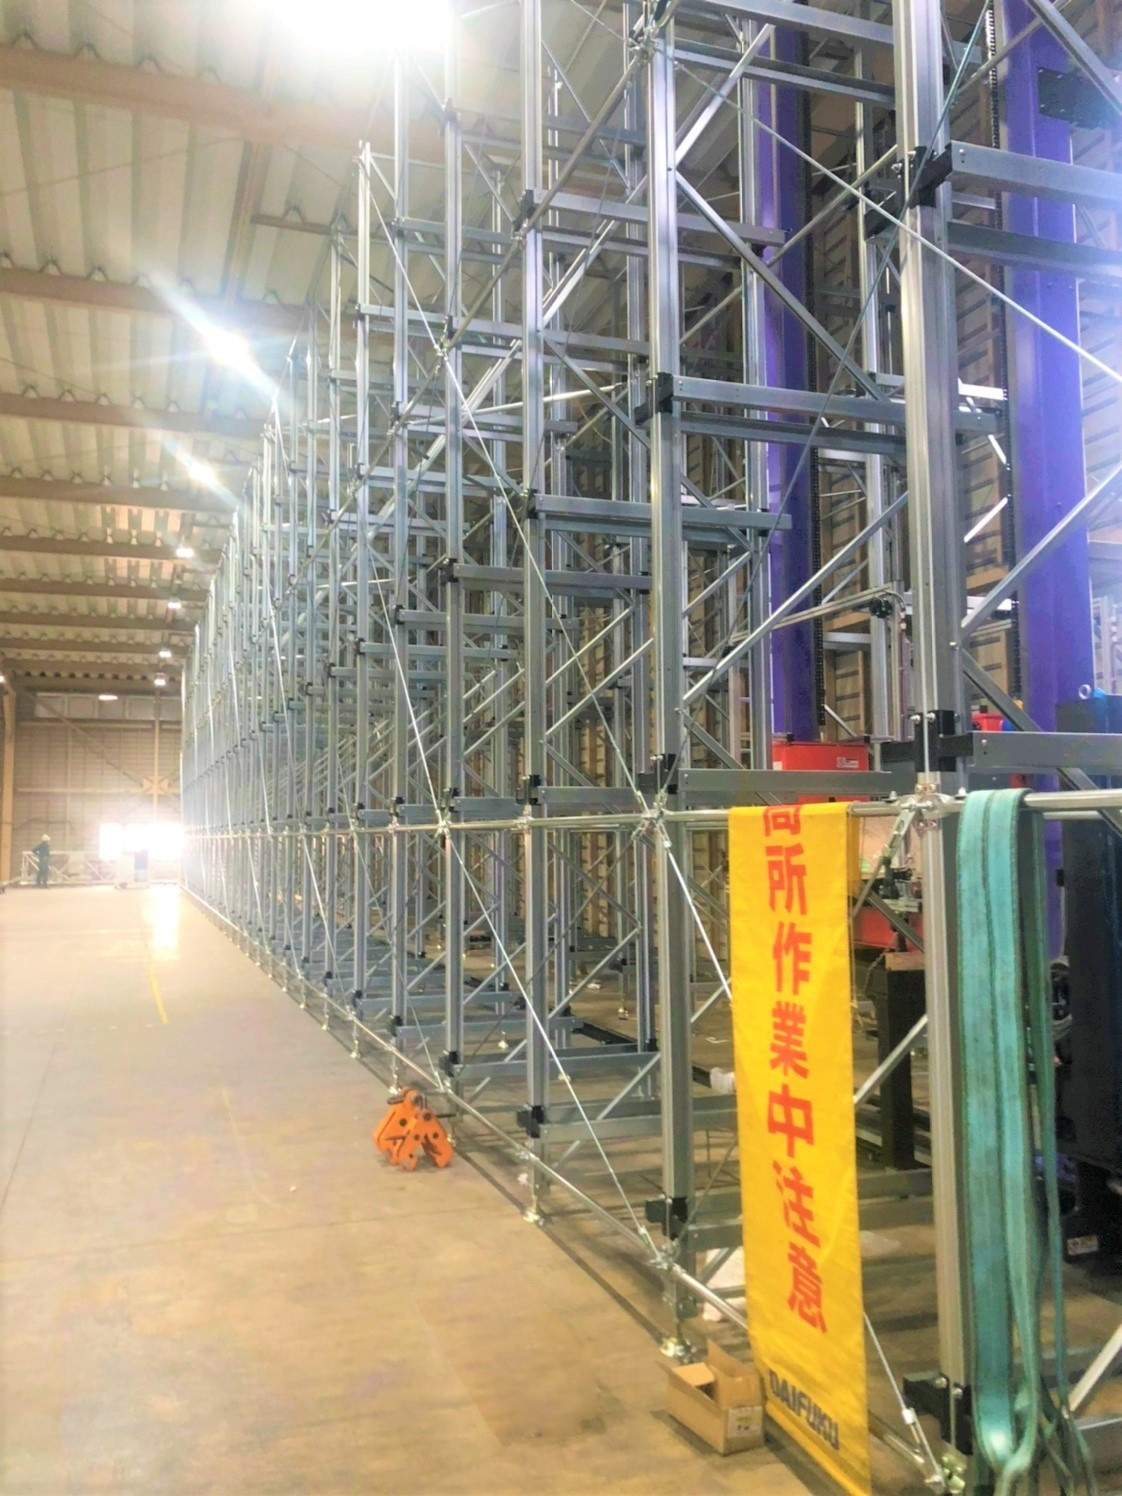 自動倉庫CS新設機械工事を行っております